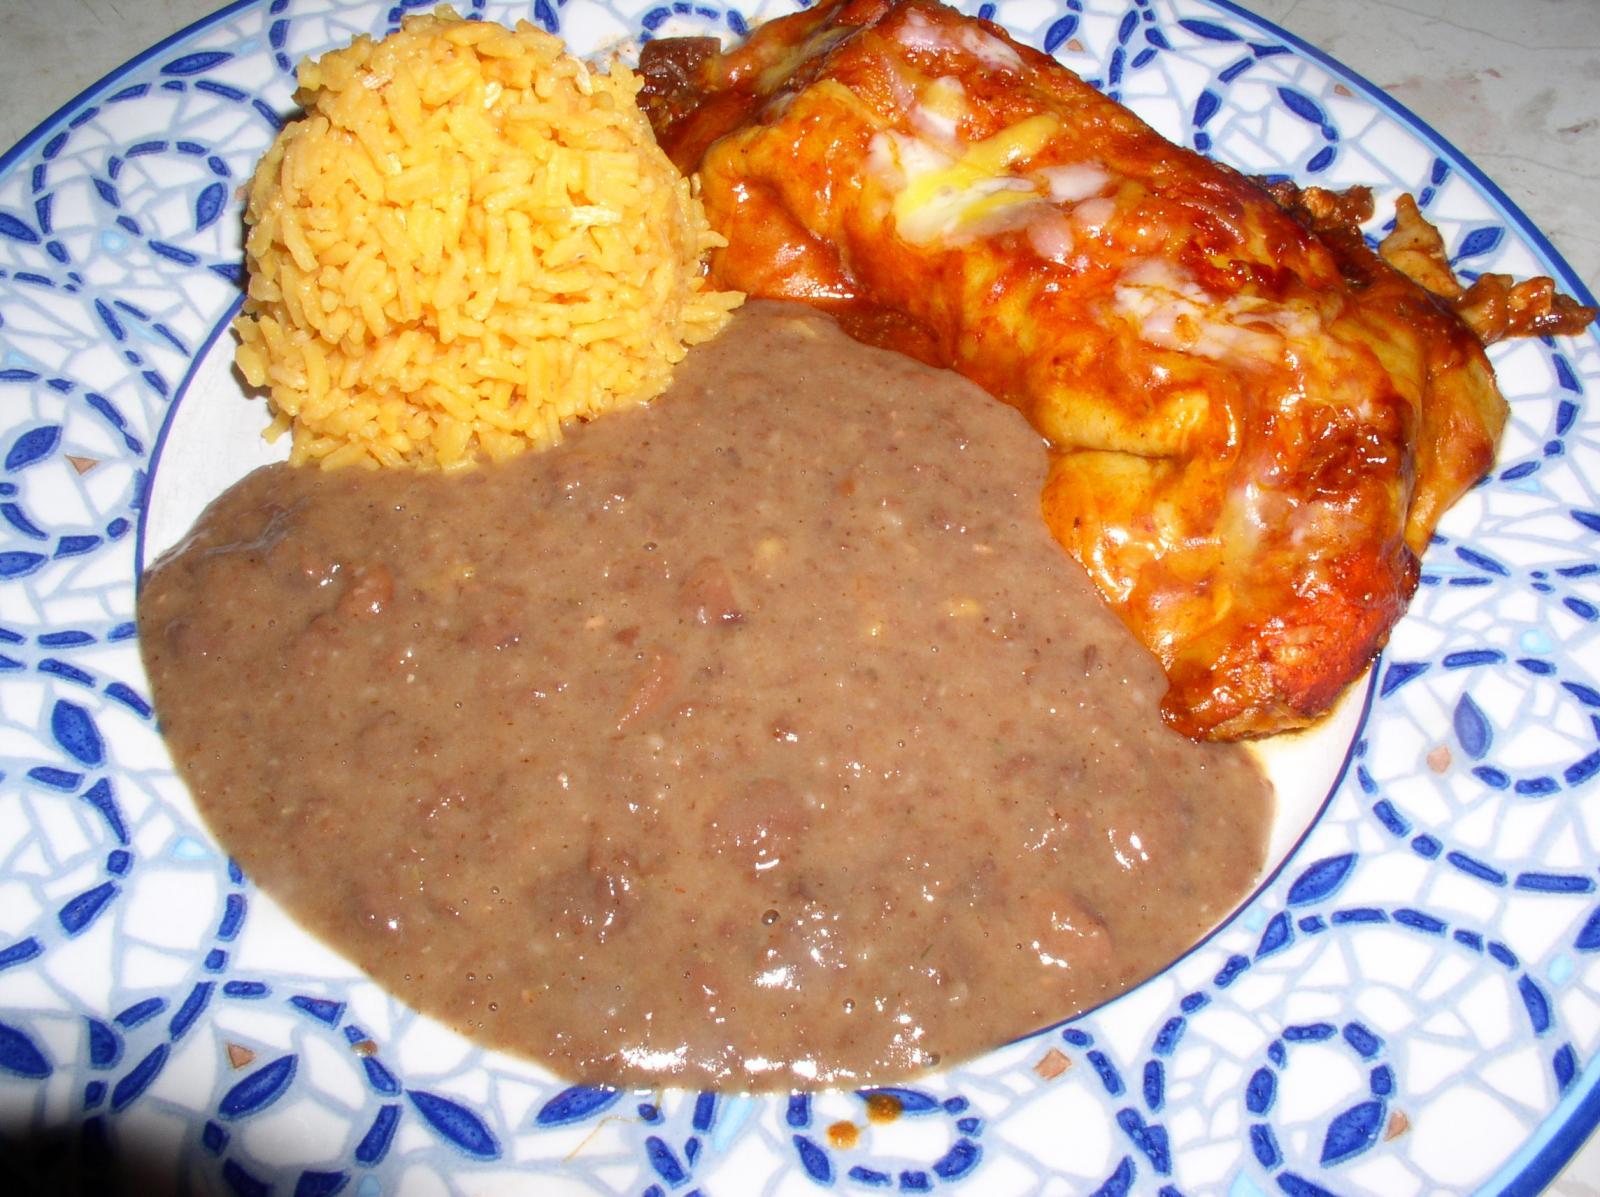 enchilada on plate.jpg